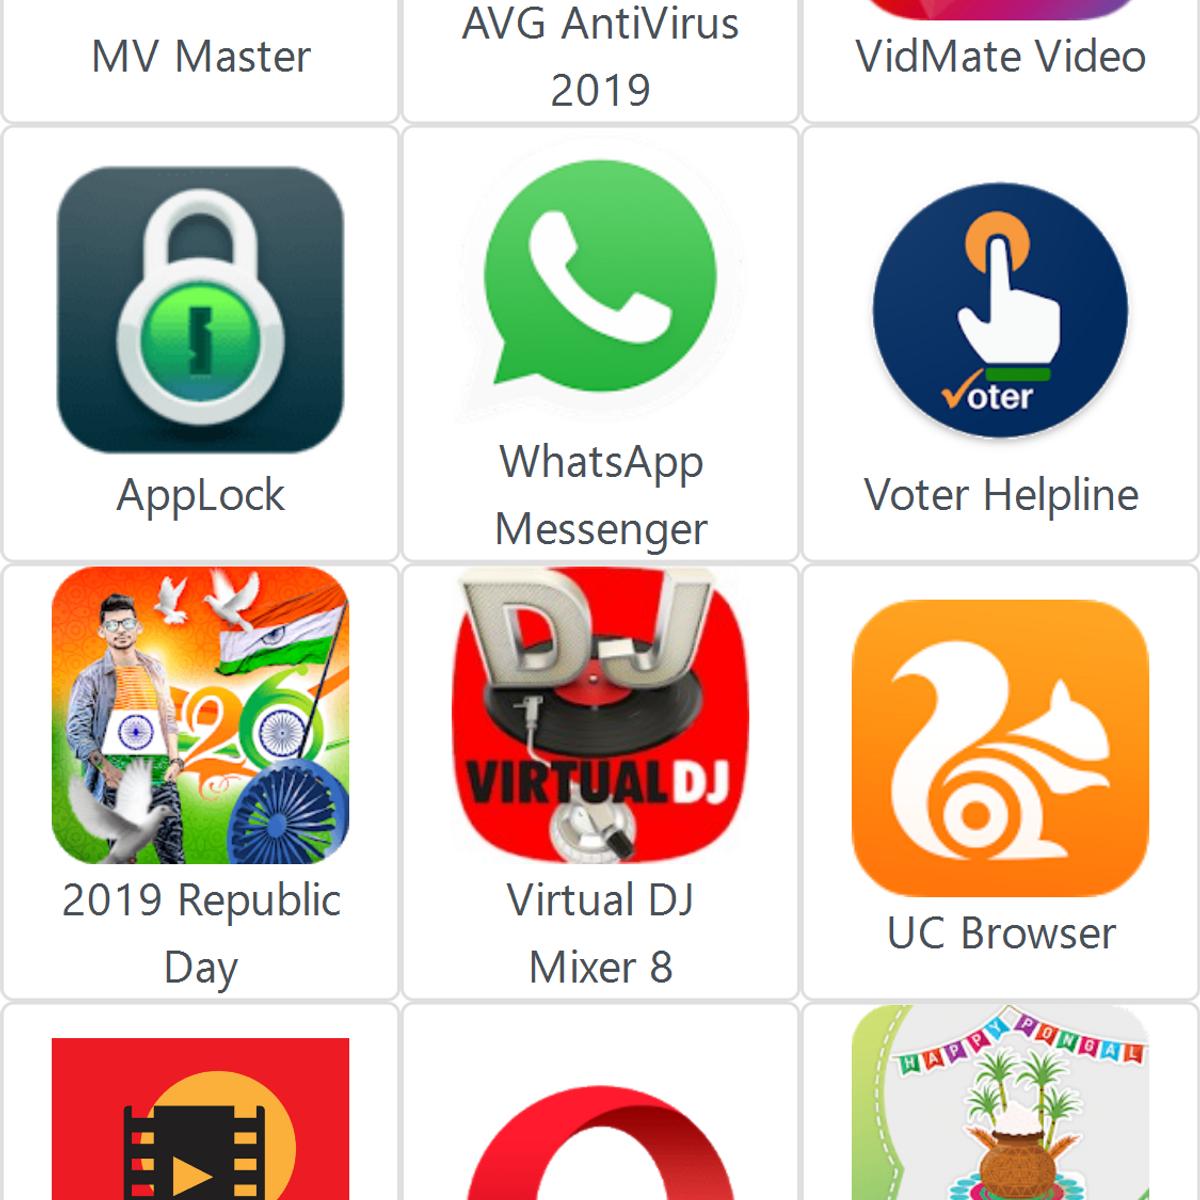 dj virtual descargar uptodown